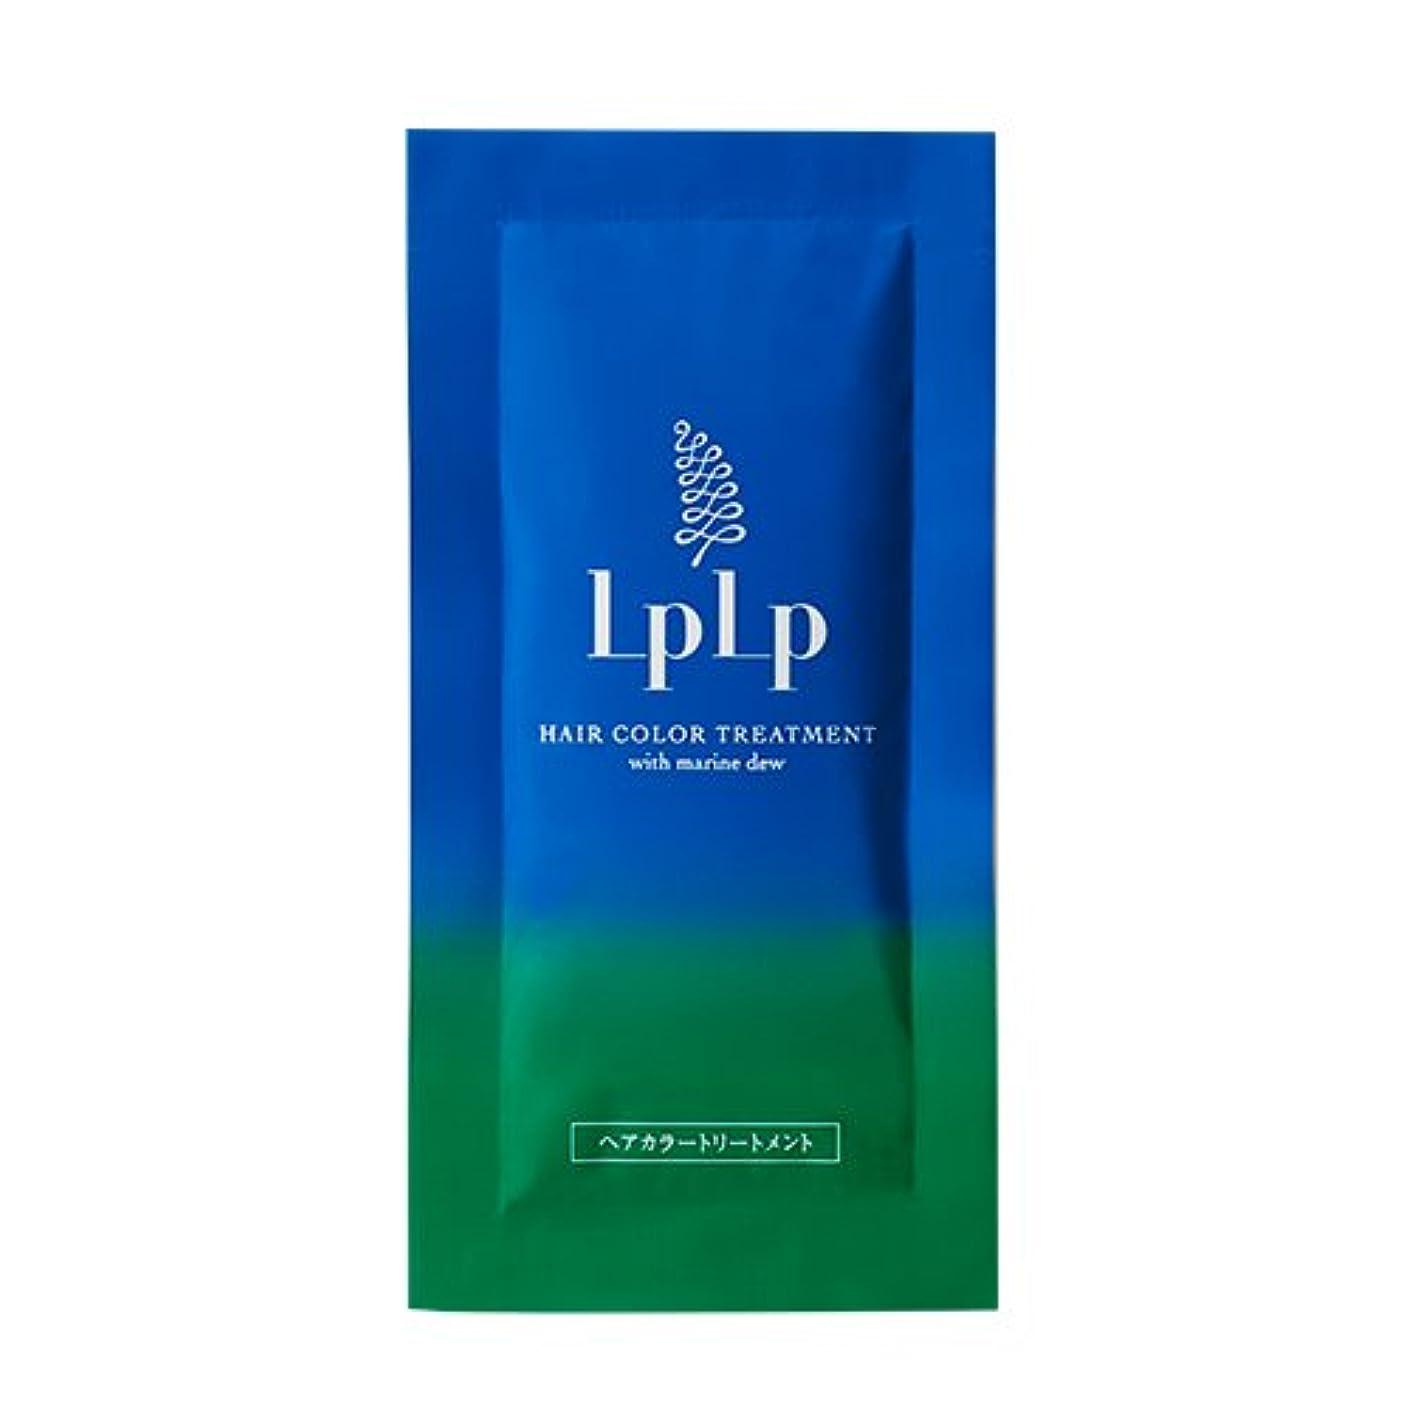 基本的なバイオレット固めるLPLP(ルプルプ)ヘアカラートリートメントお試しパウチ ブラウン